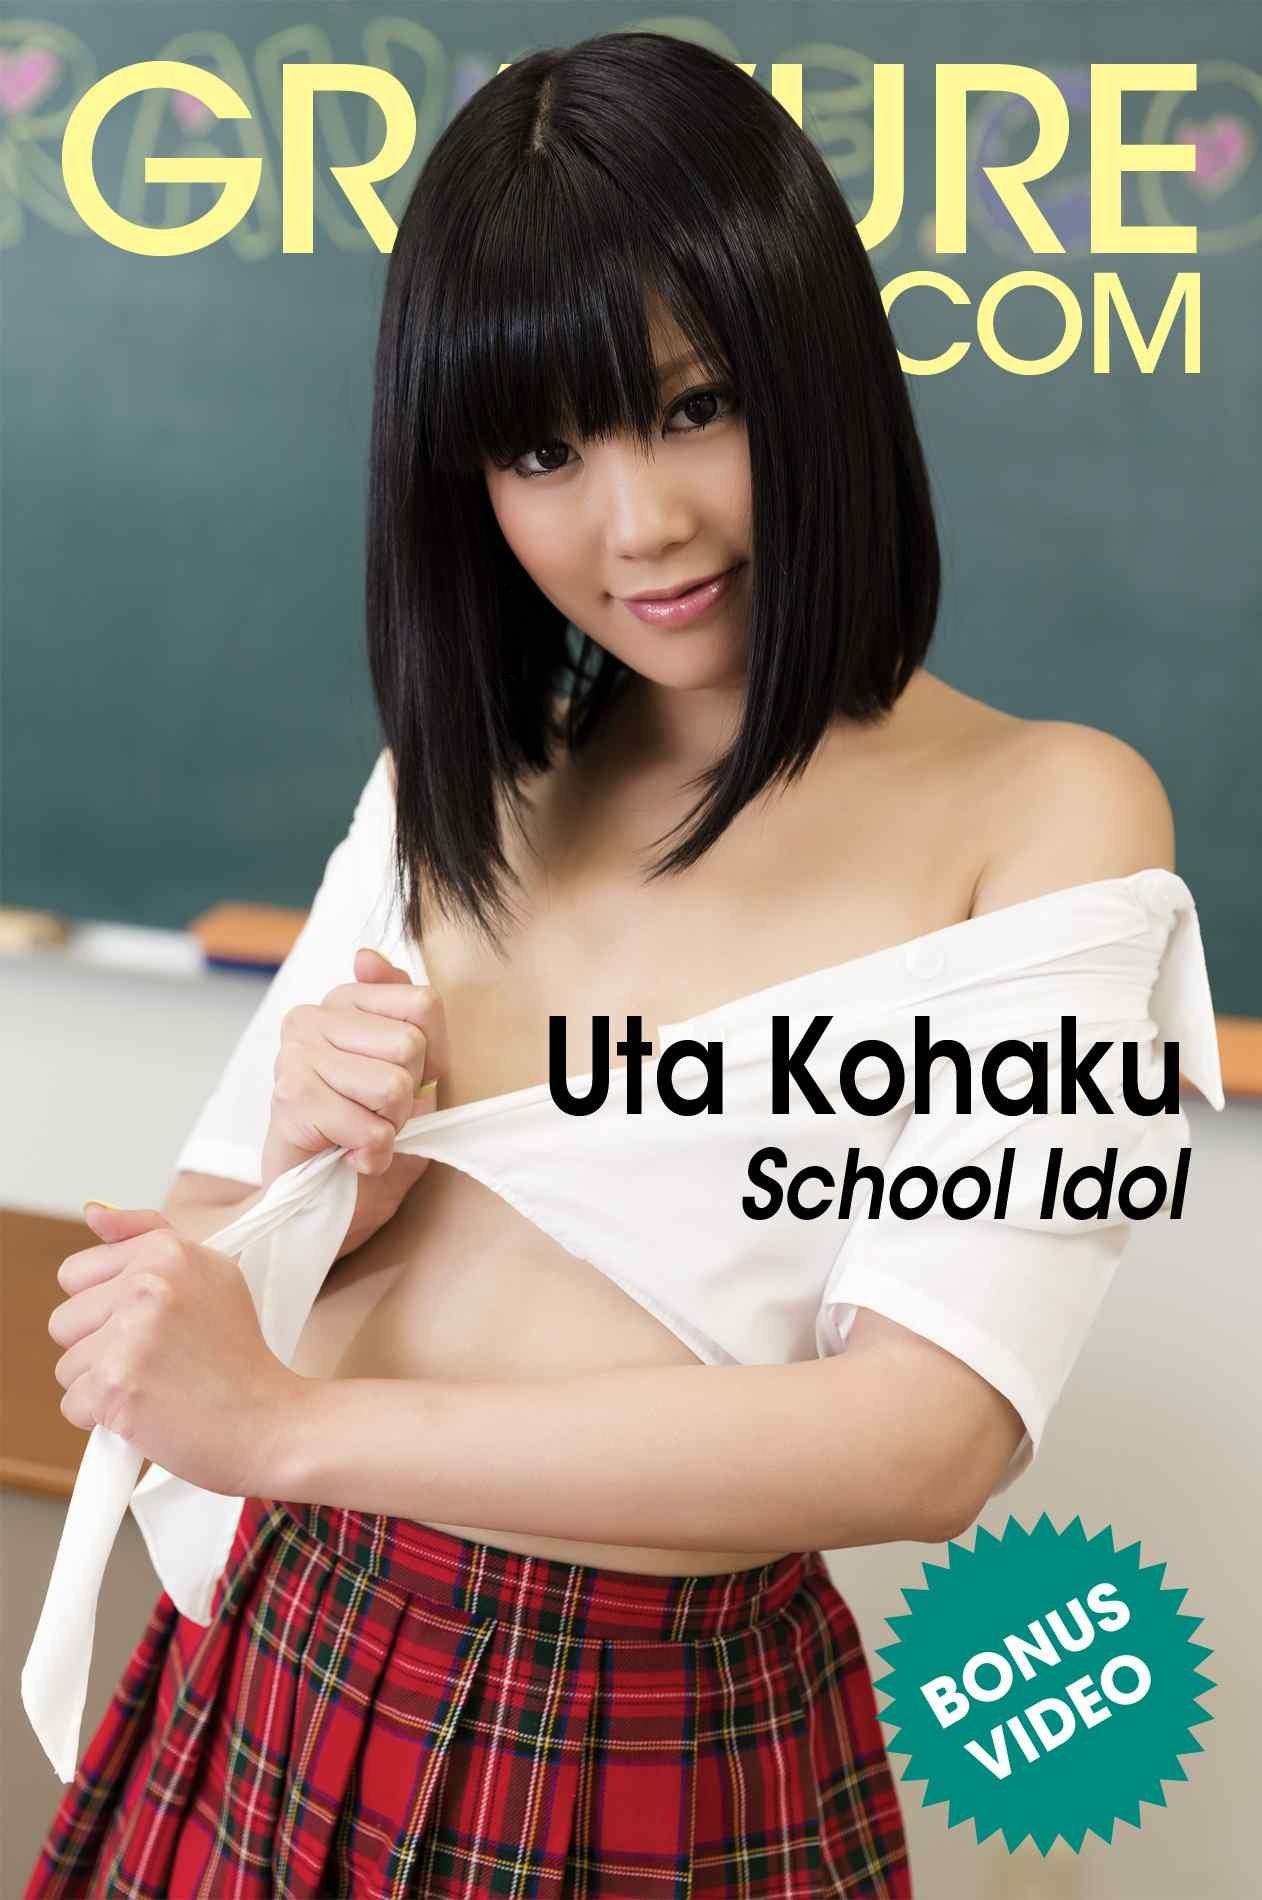 Uta Kohaku